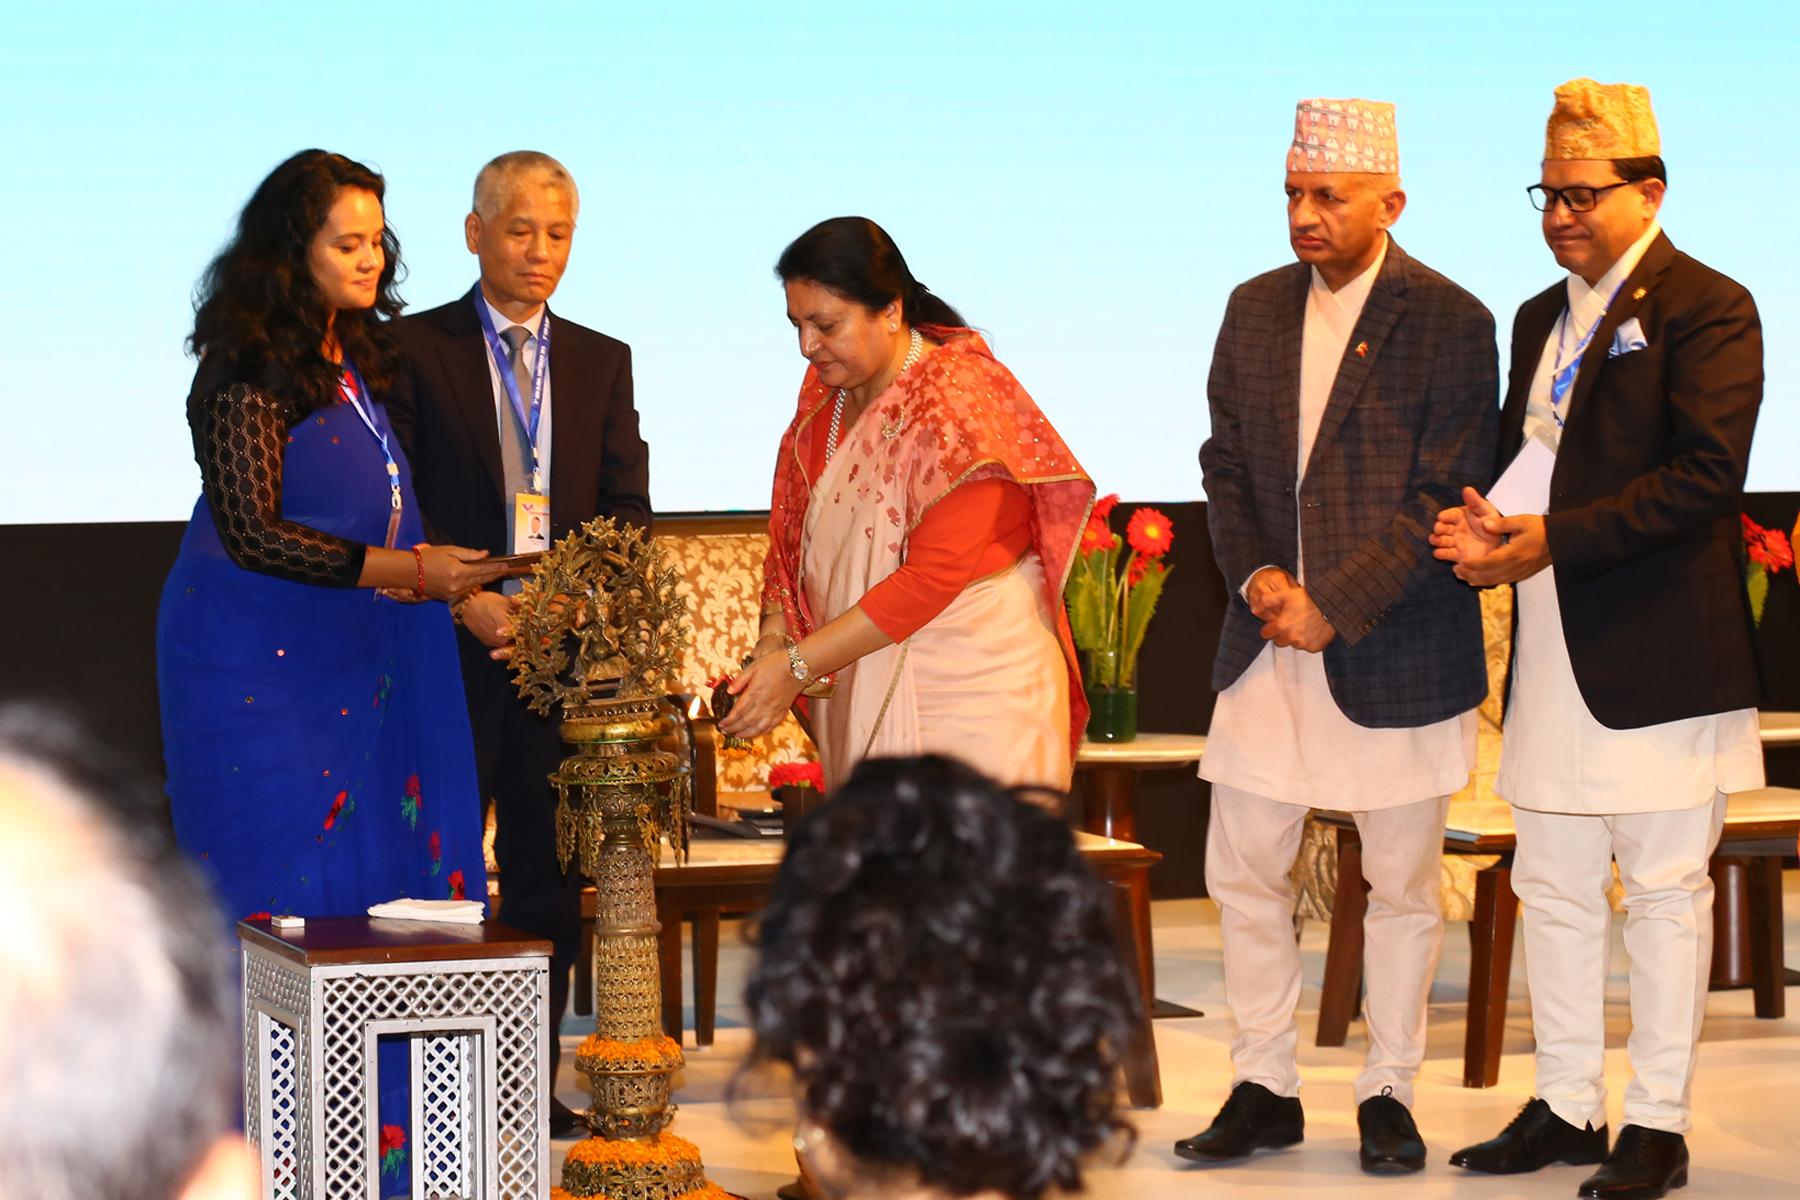 समृद्ध नेपाल निर्माणको महाअभियानमा योगदान गर्न राष्ट्रपतिको आग्रह